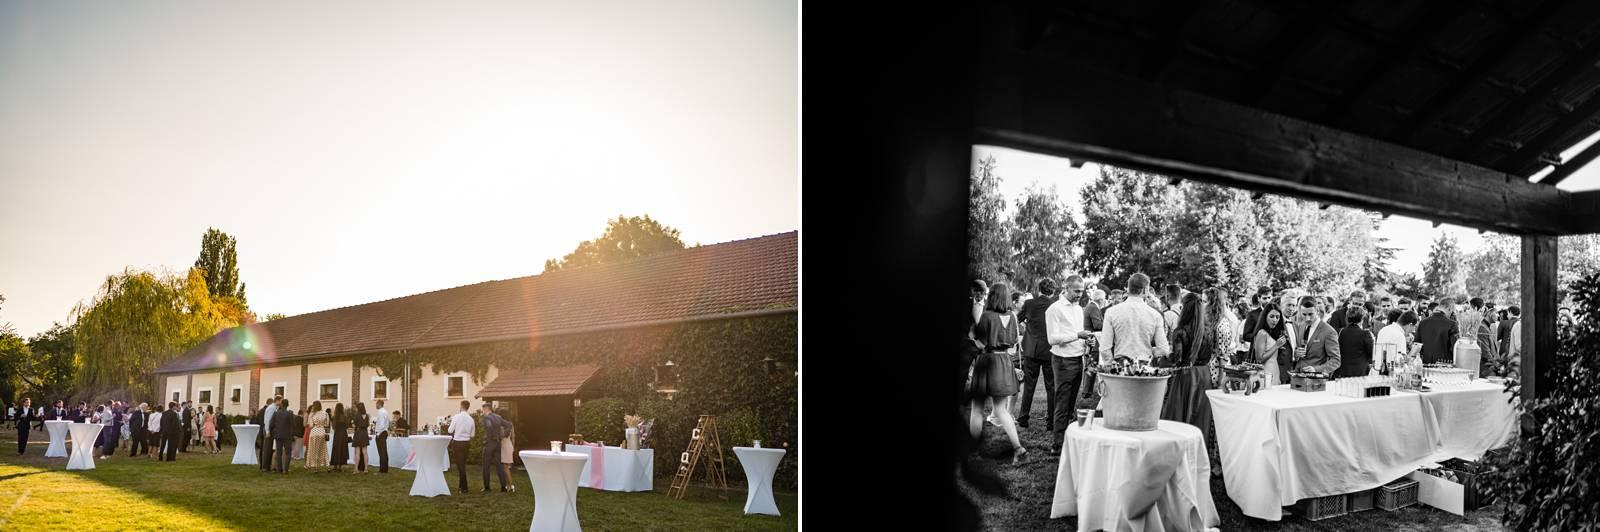 Le reportage mariage religieux à Gasny en Normandie de C+Q puis à La Grange de Fontenay, avec drone et Fumigène ! Alexandre Roschewitz Photographe Mariage.